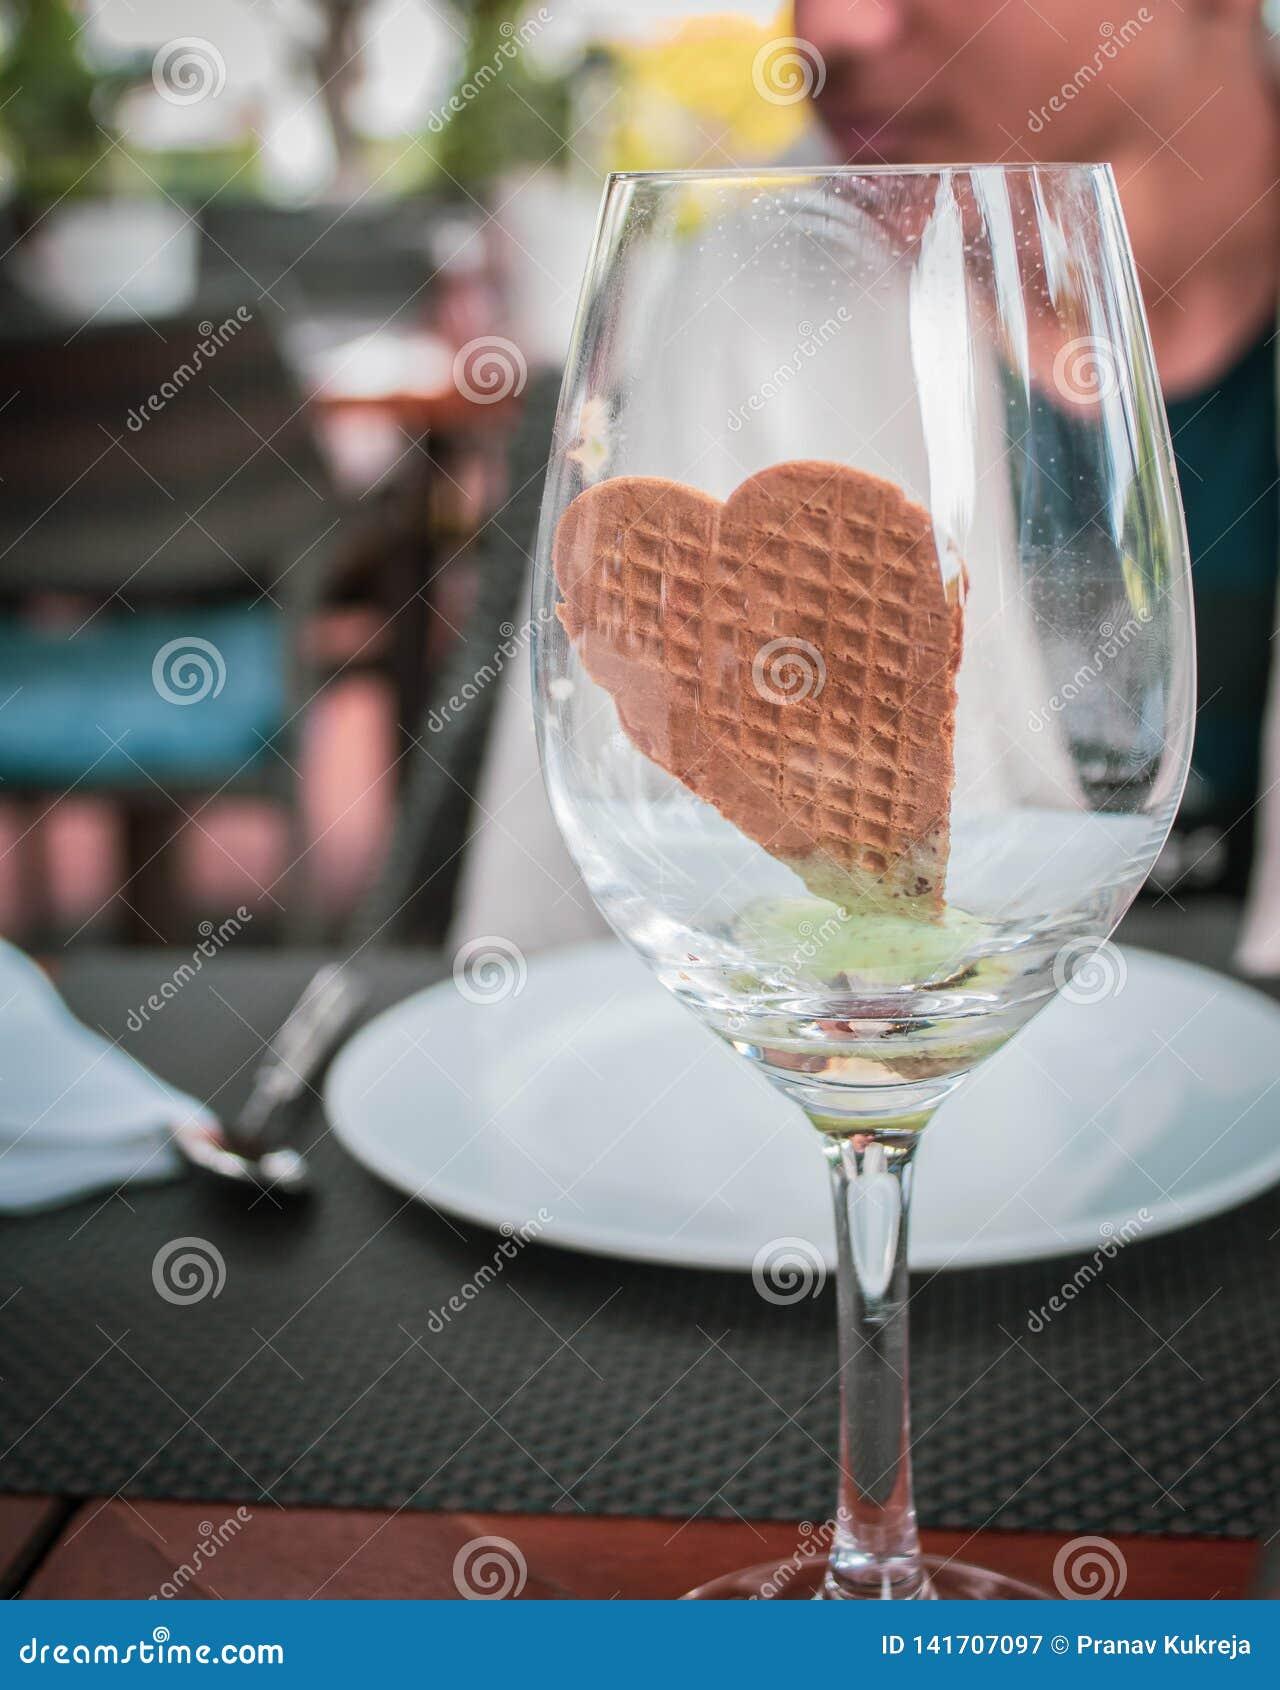 Hoor gevormd koekje in wijnglas,